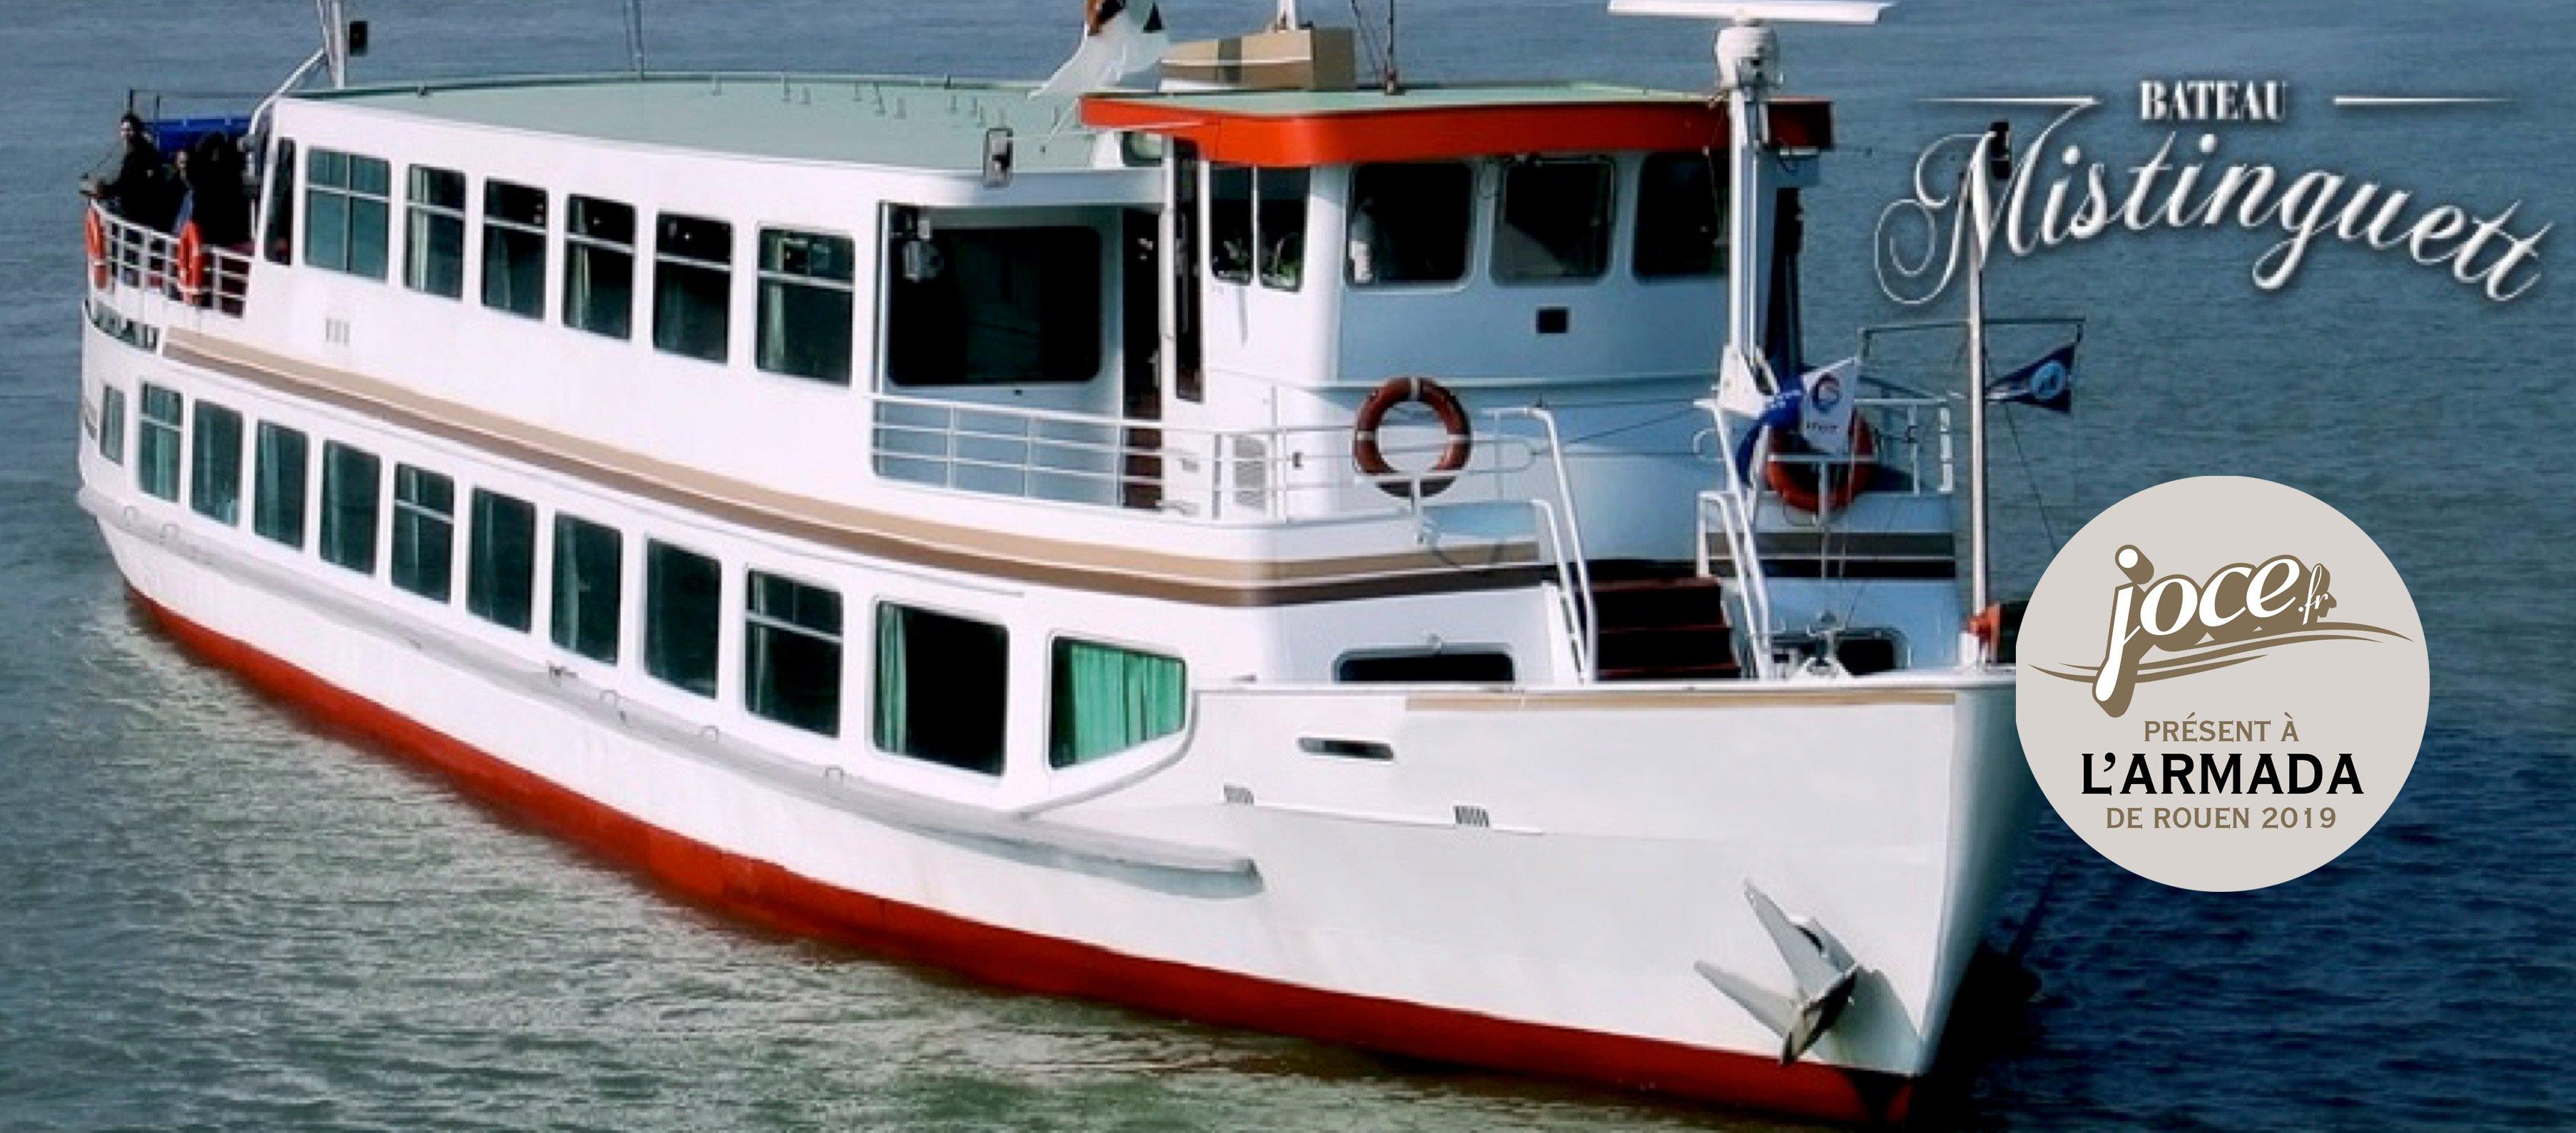 Le bateau Mistinguett' à l'Armada